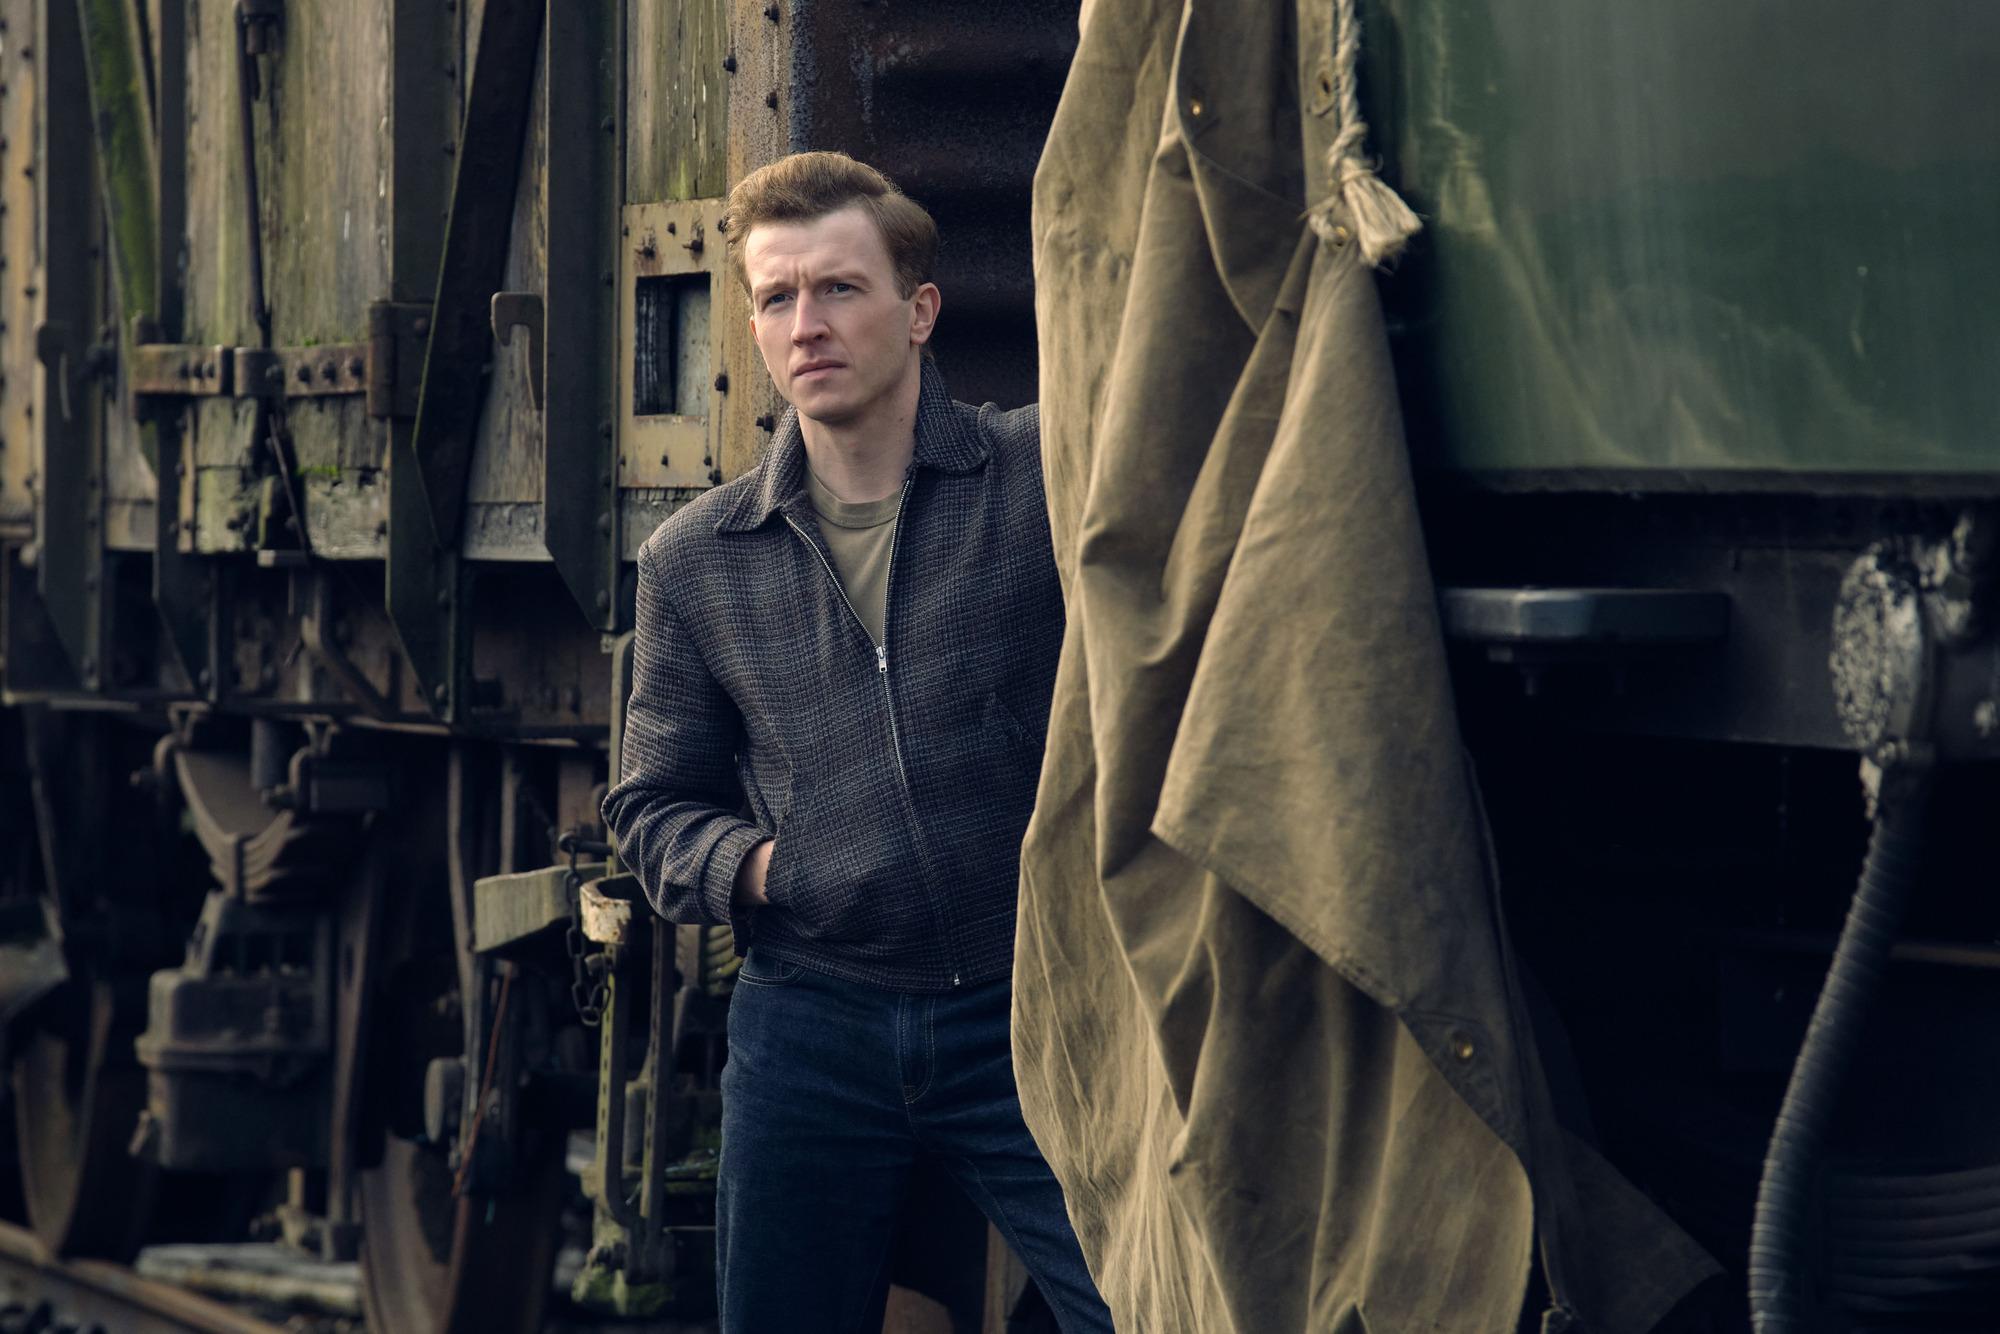 Tom Varey como Jack Morris, amante de Vivien y miembro acérrimo del movimiento antifascista The 62 Group en Ridley Road.